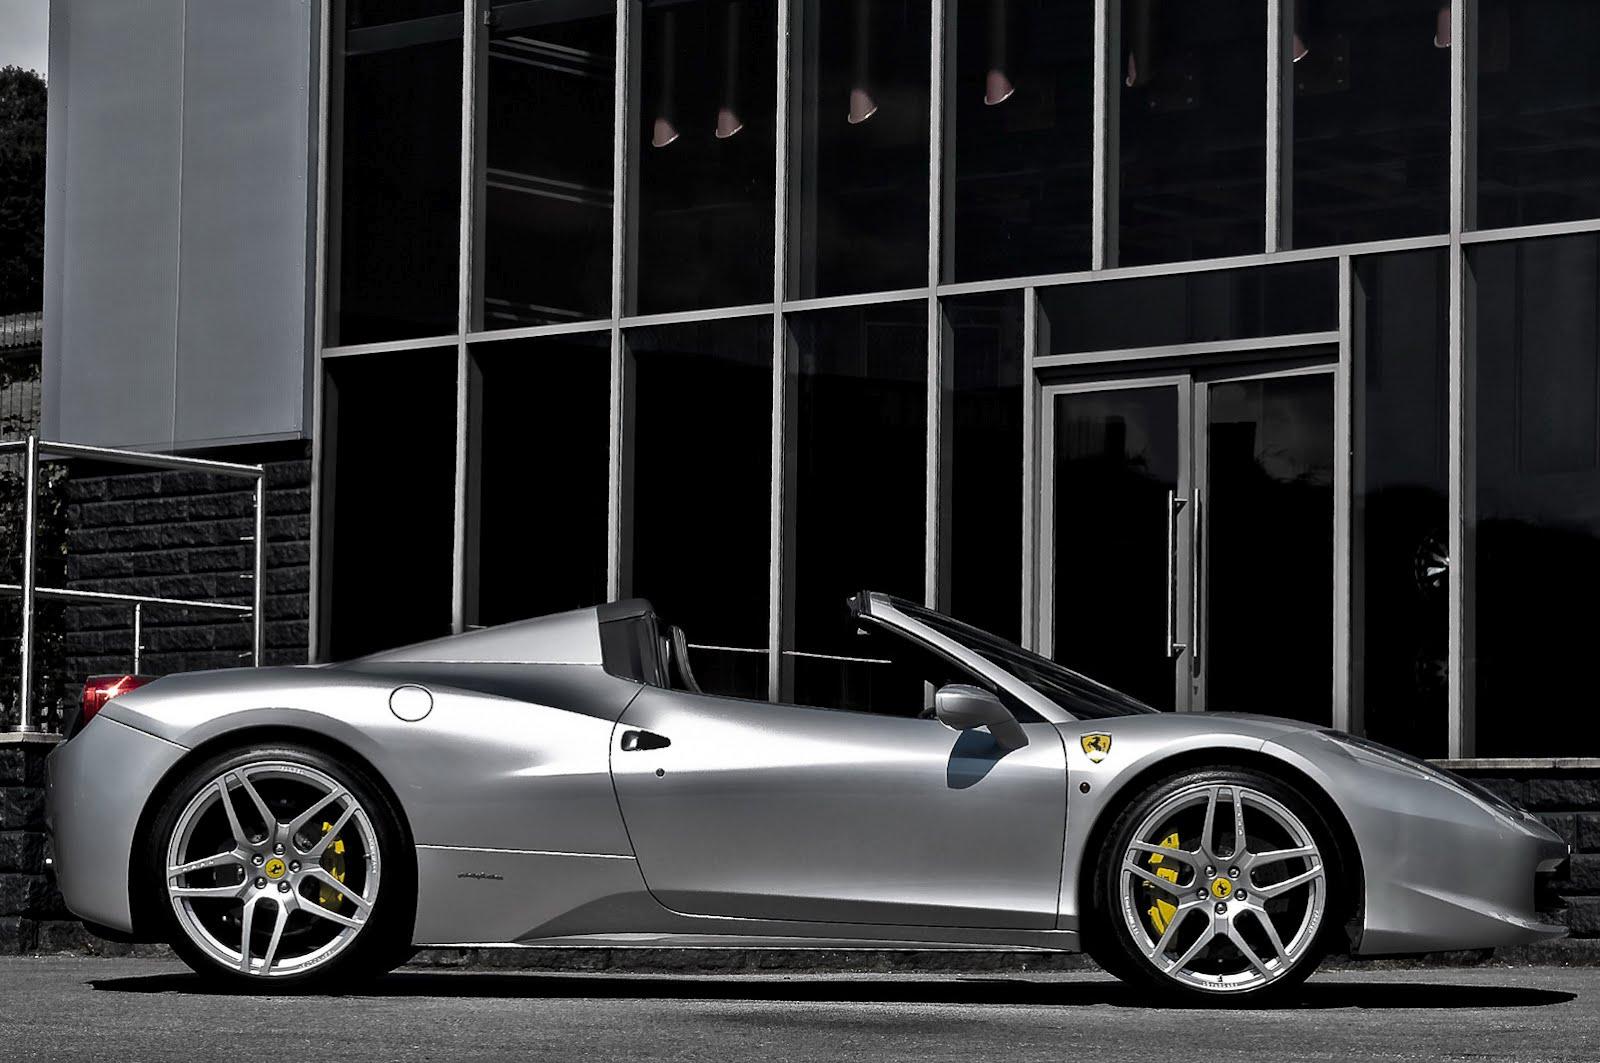 Kahn Design's take on Ferrari 458 Italia Spider